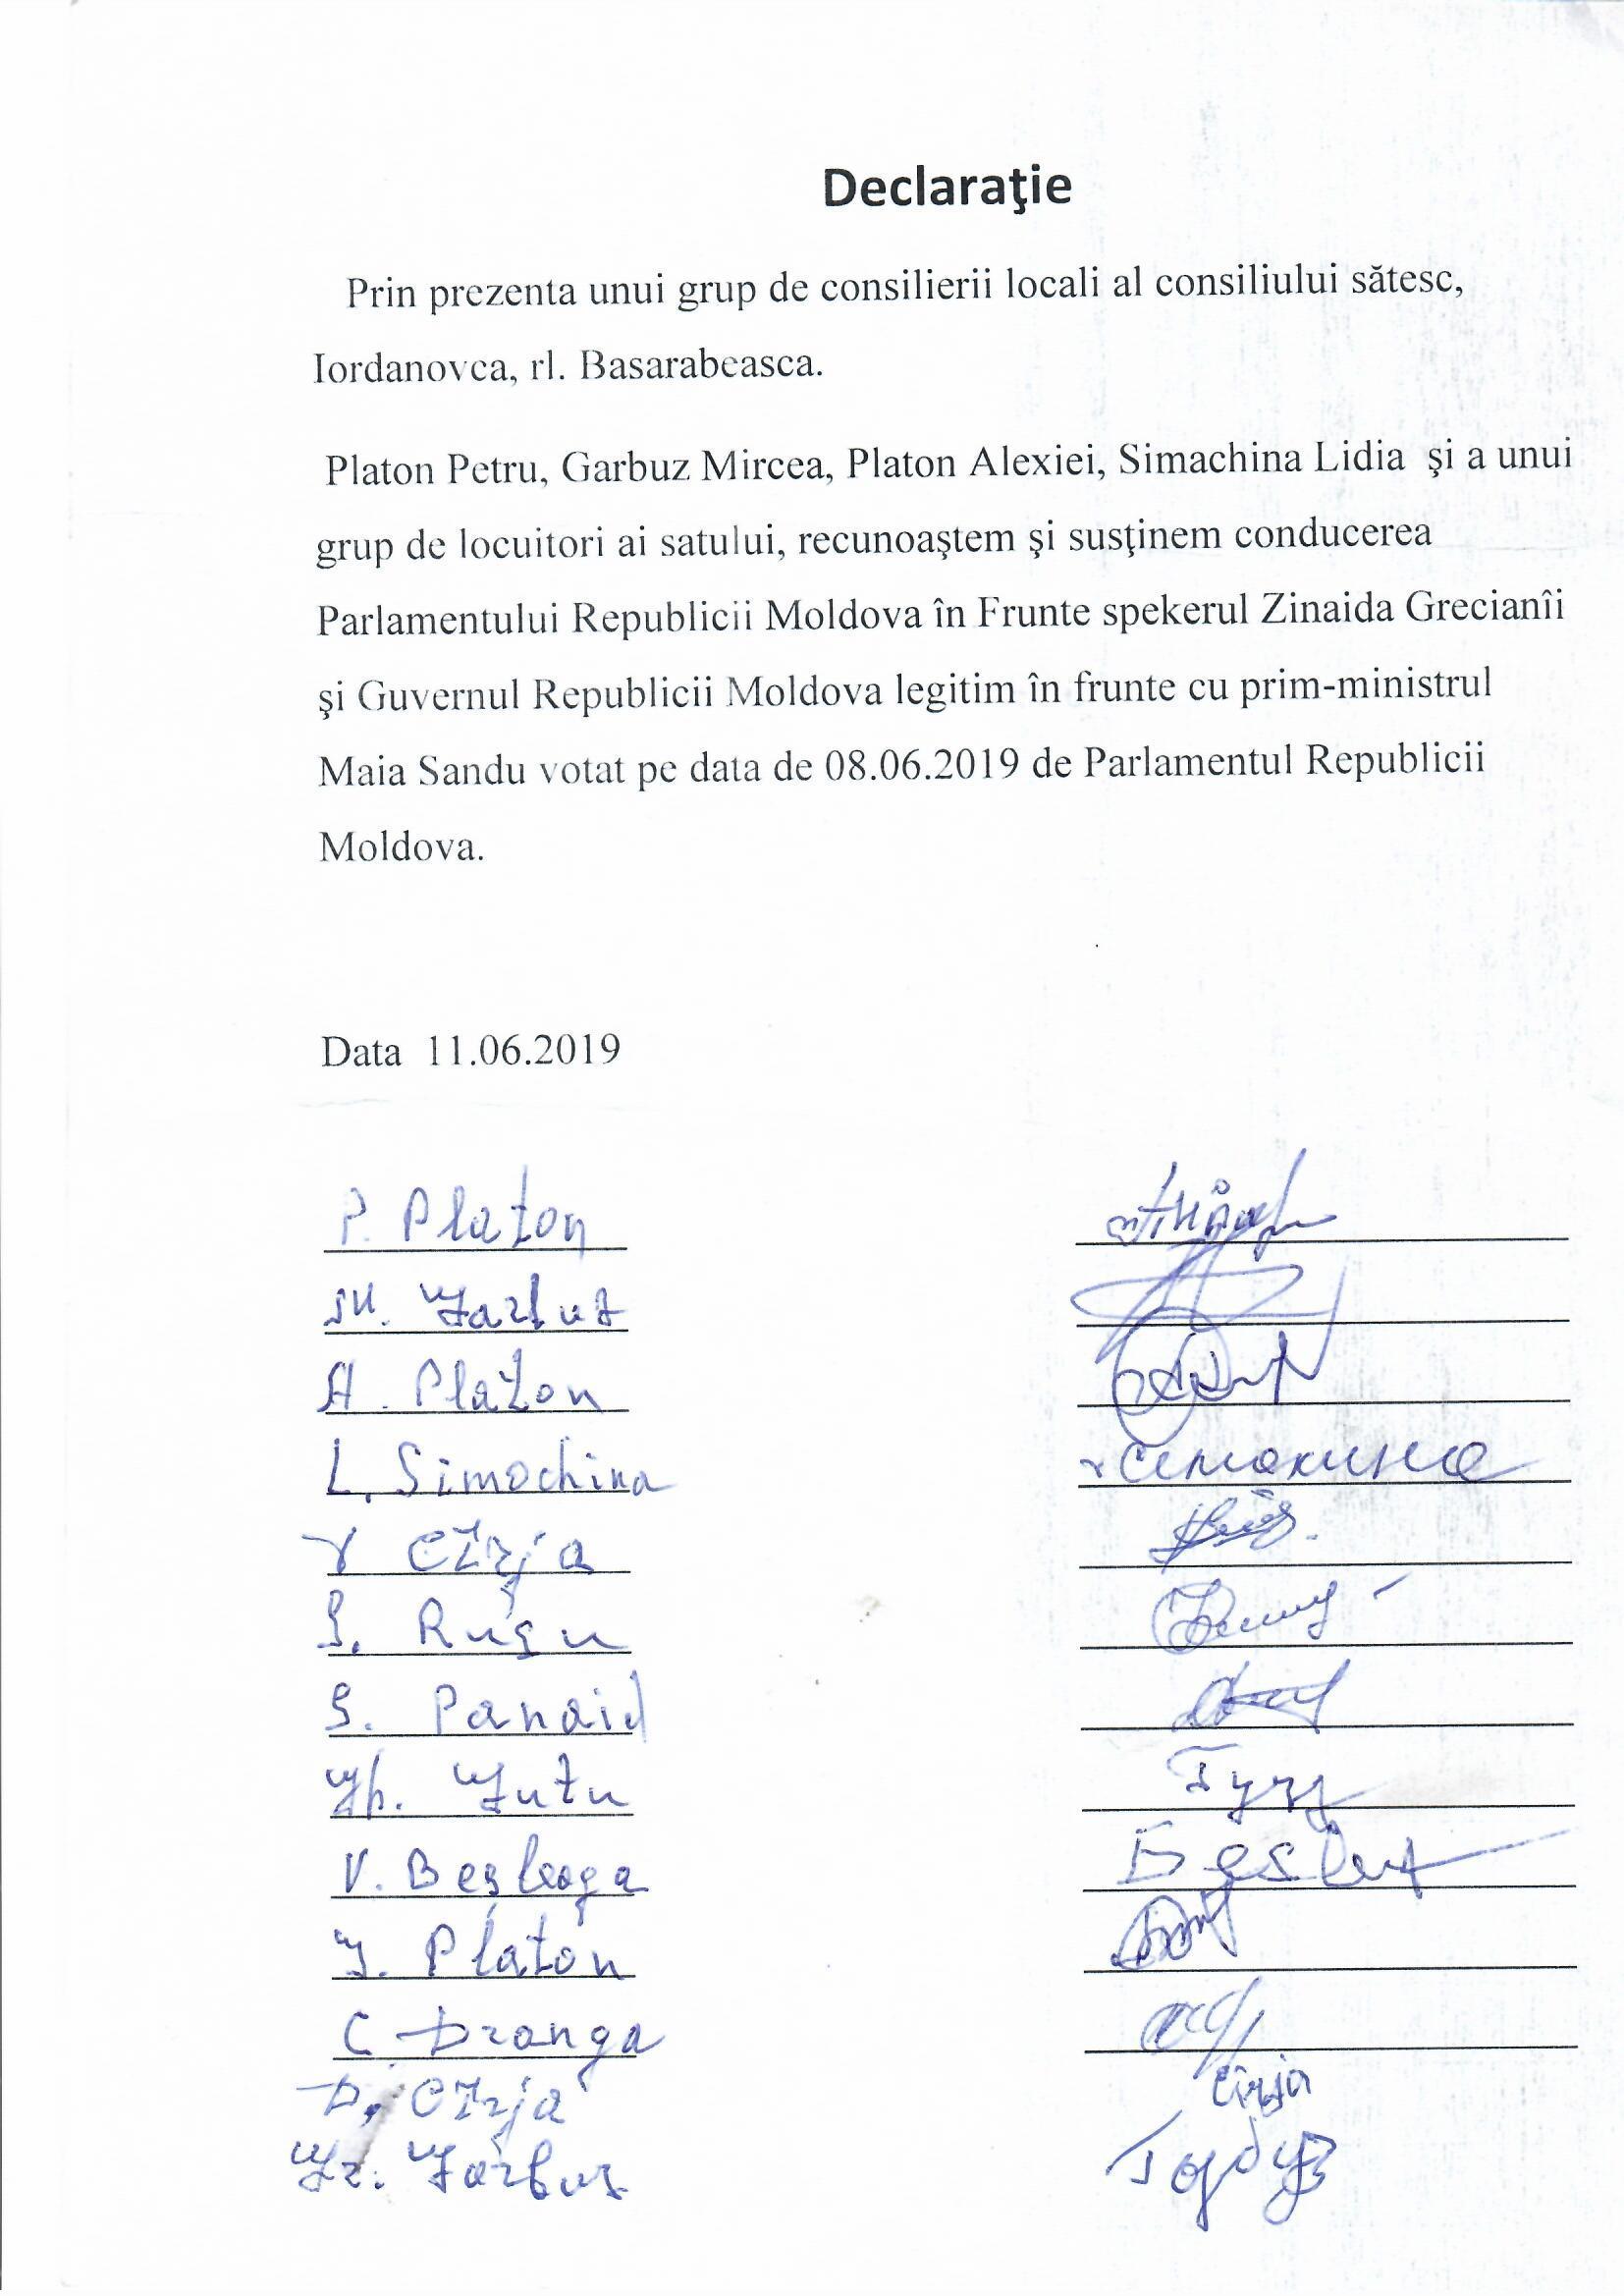 Декларации в поддержку легитимного парламента и правительства , июнь 2019